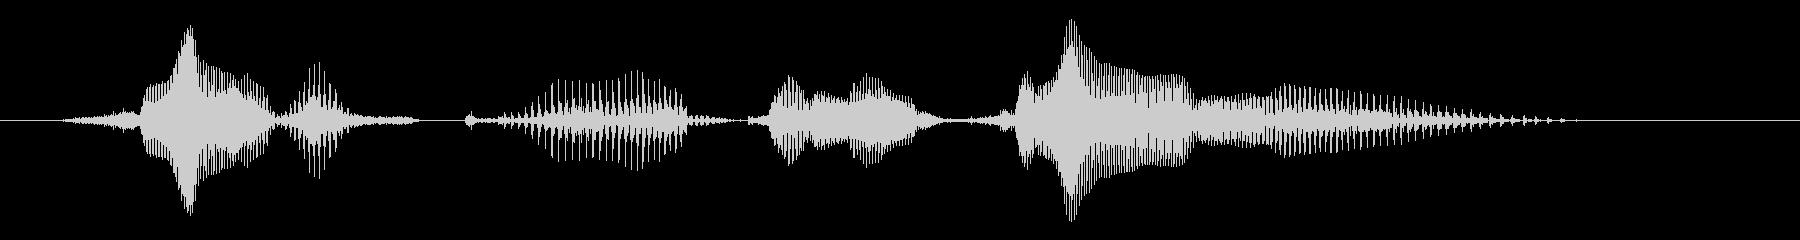 「チャンネル登録お願いします!」英語高音の未再生の波形